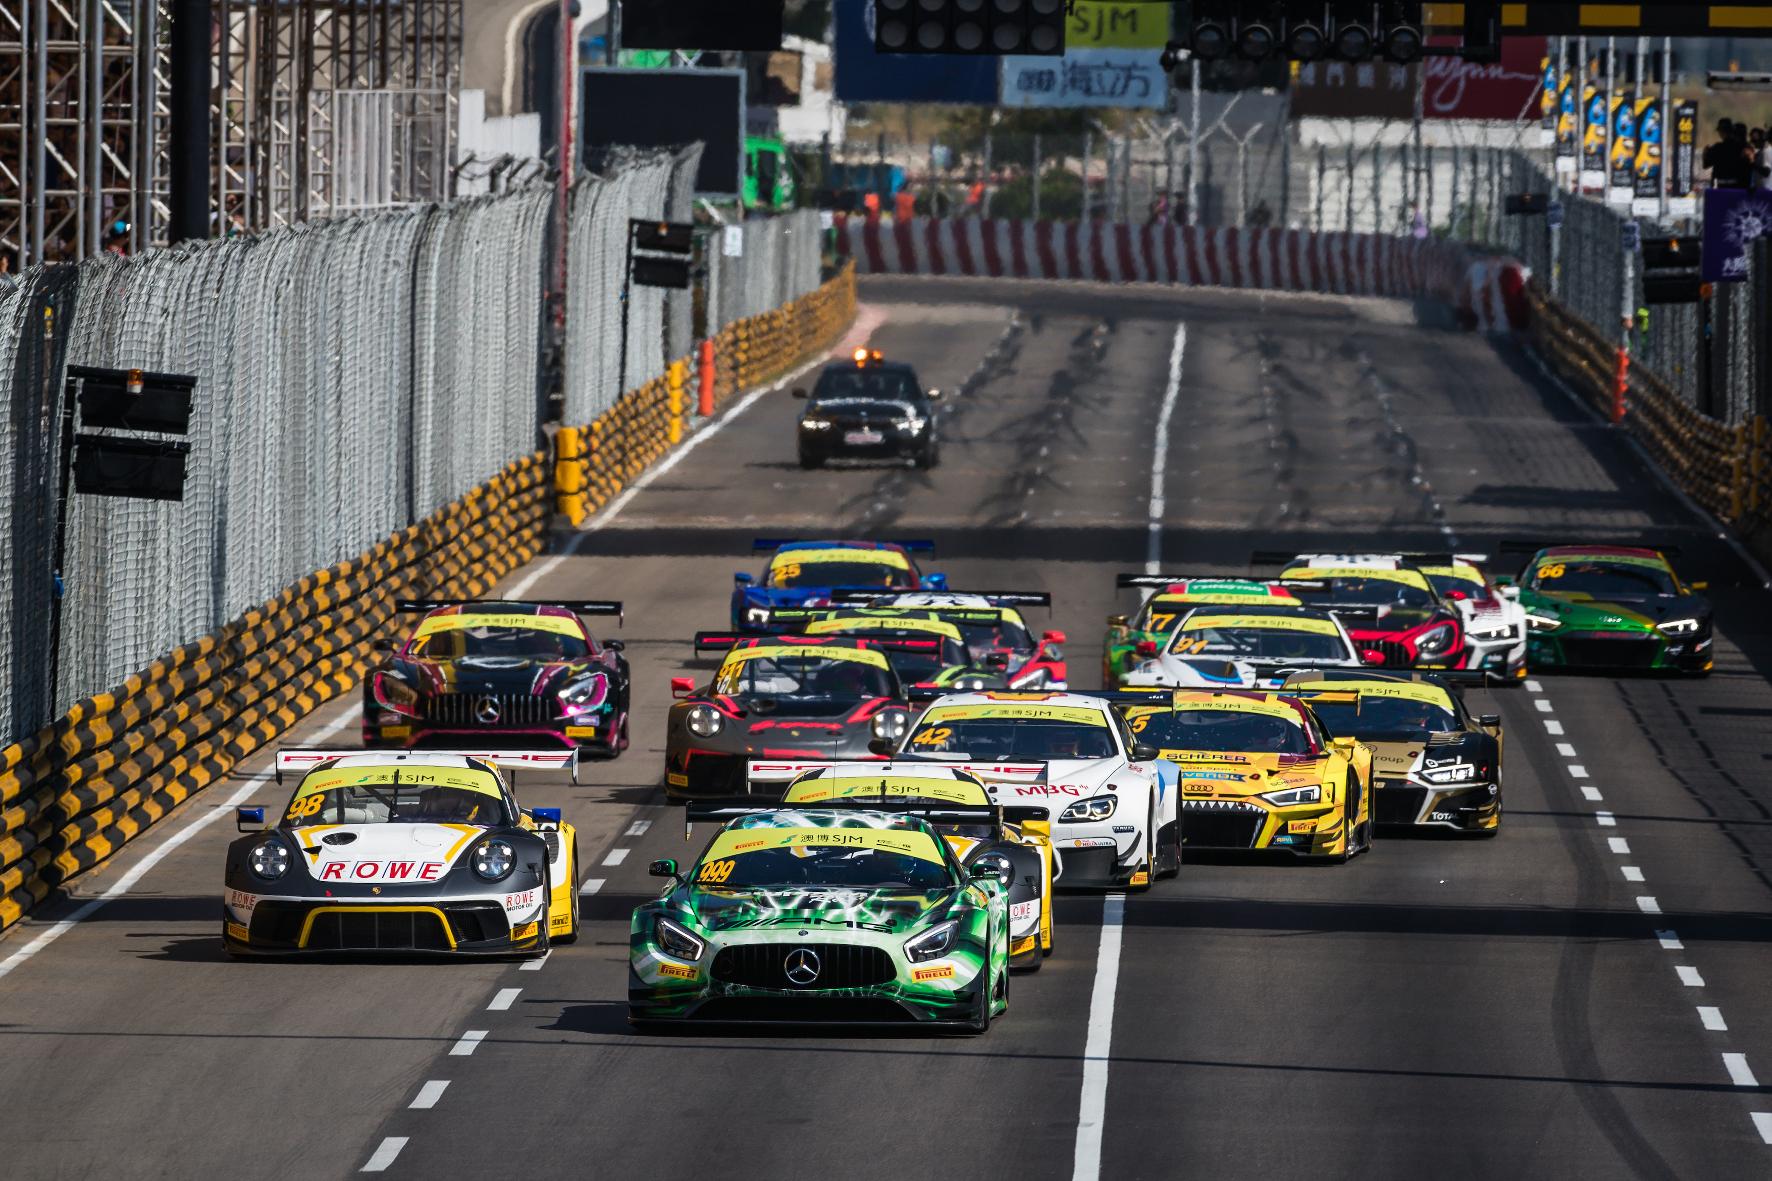 mid Groß-Gerau - Berühmt und berüchtigt: das Stadtrennen in Macau vor der Südküste Chinas. Mercedes-AMG